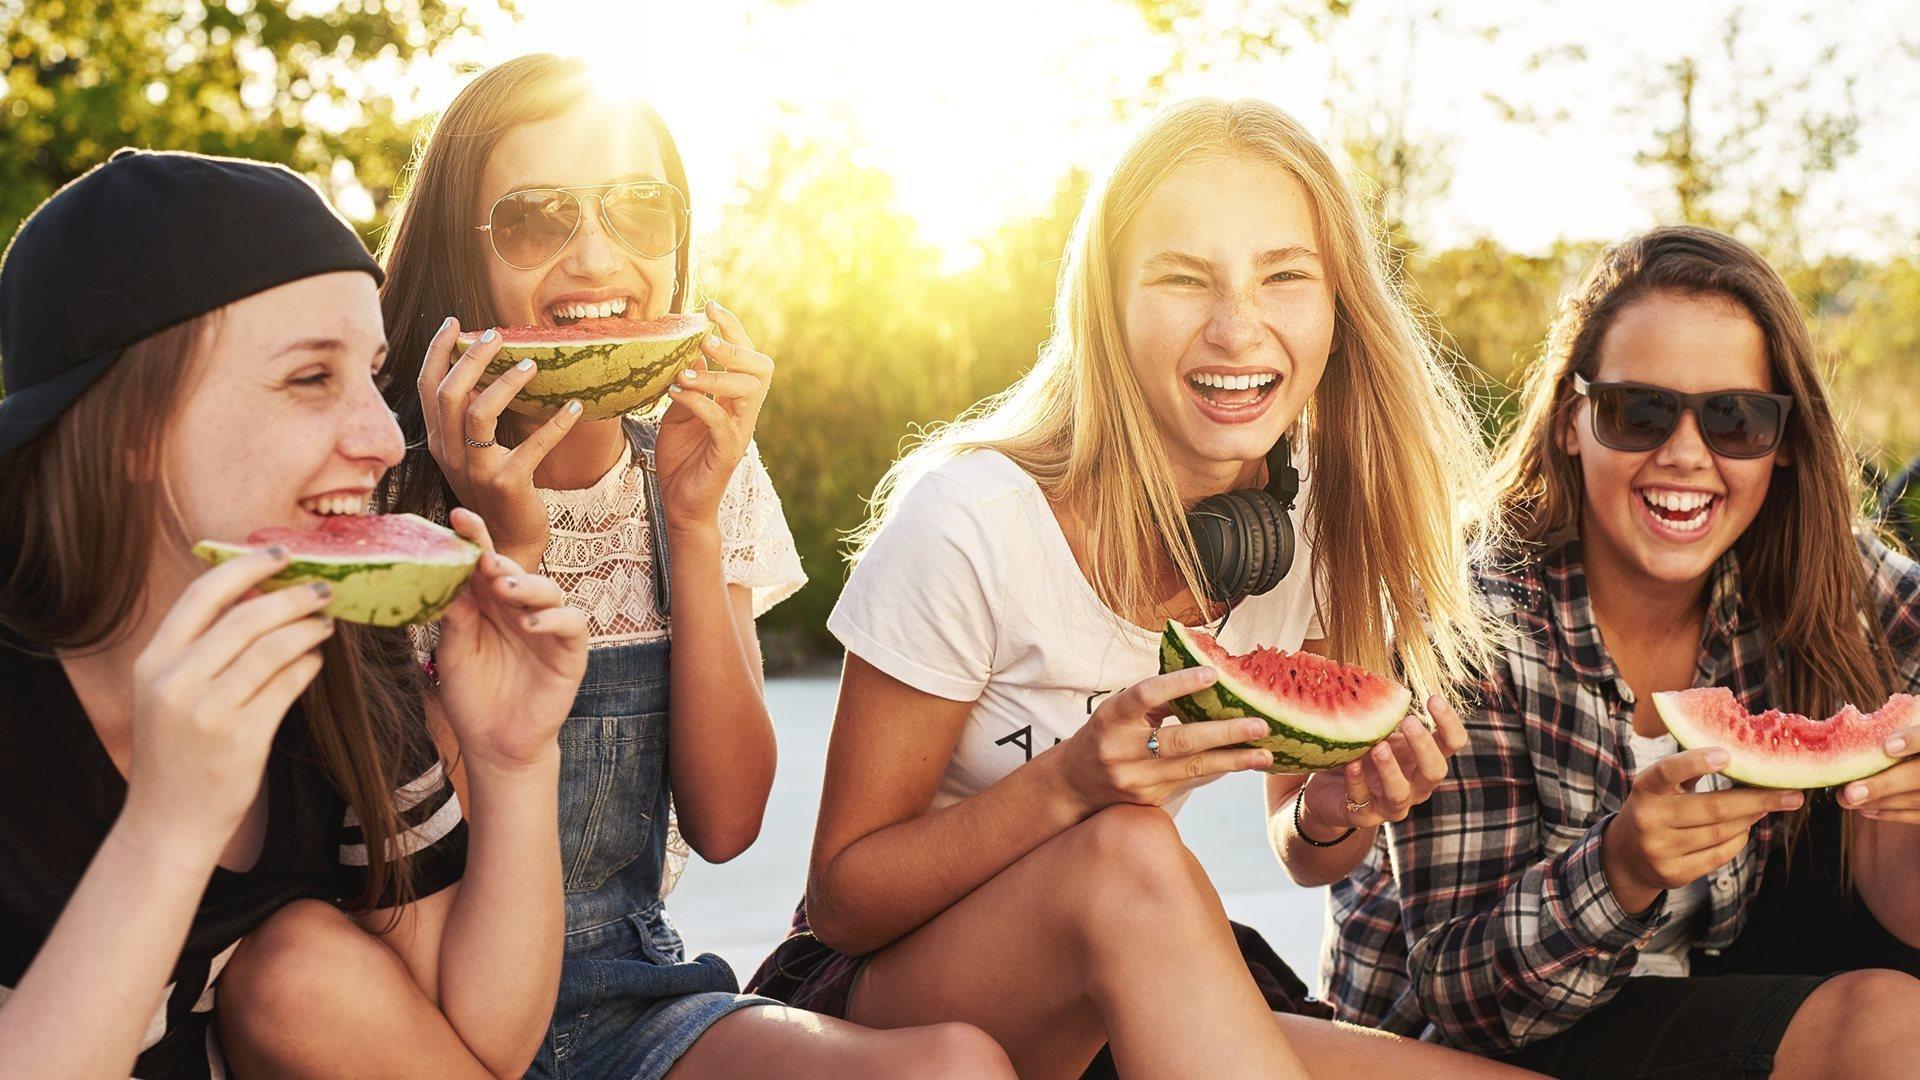 Vrouwen met een watermeloen